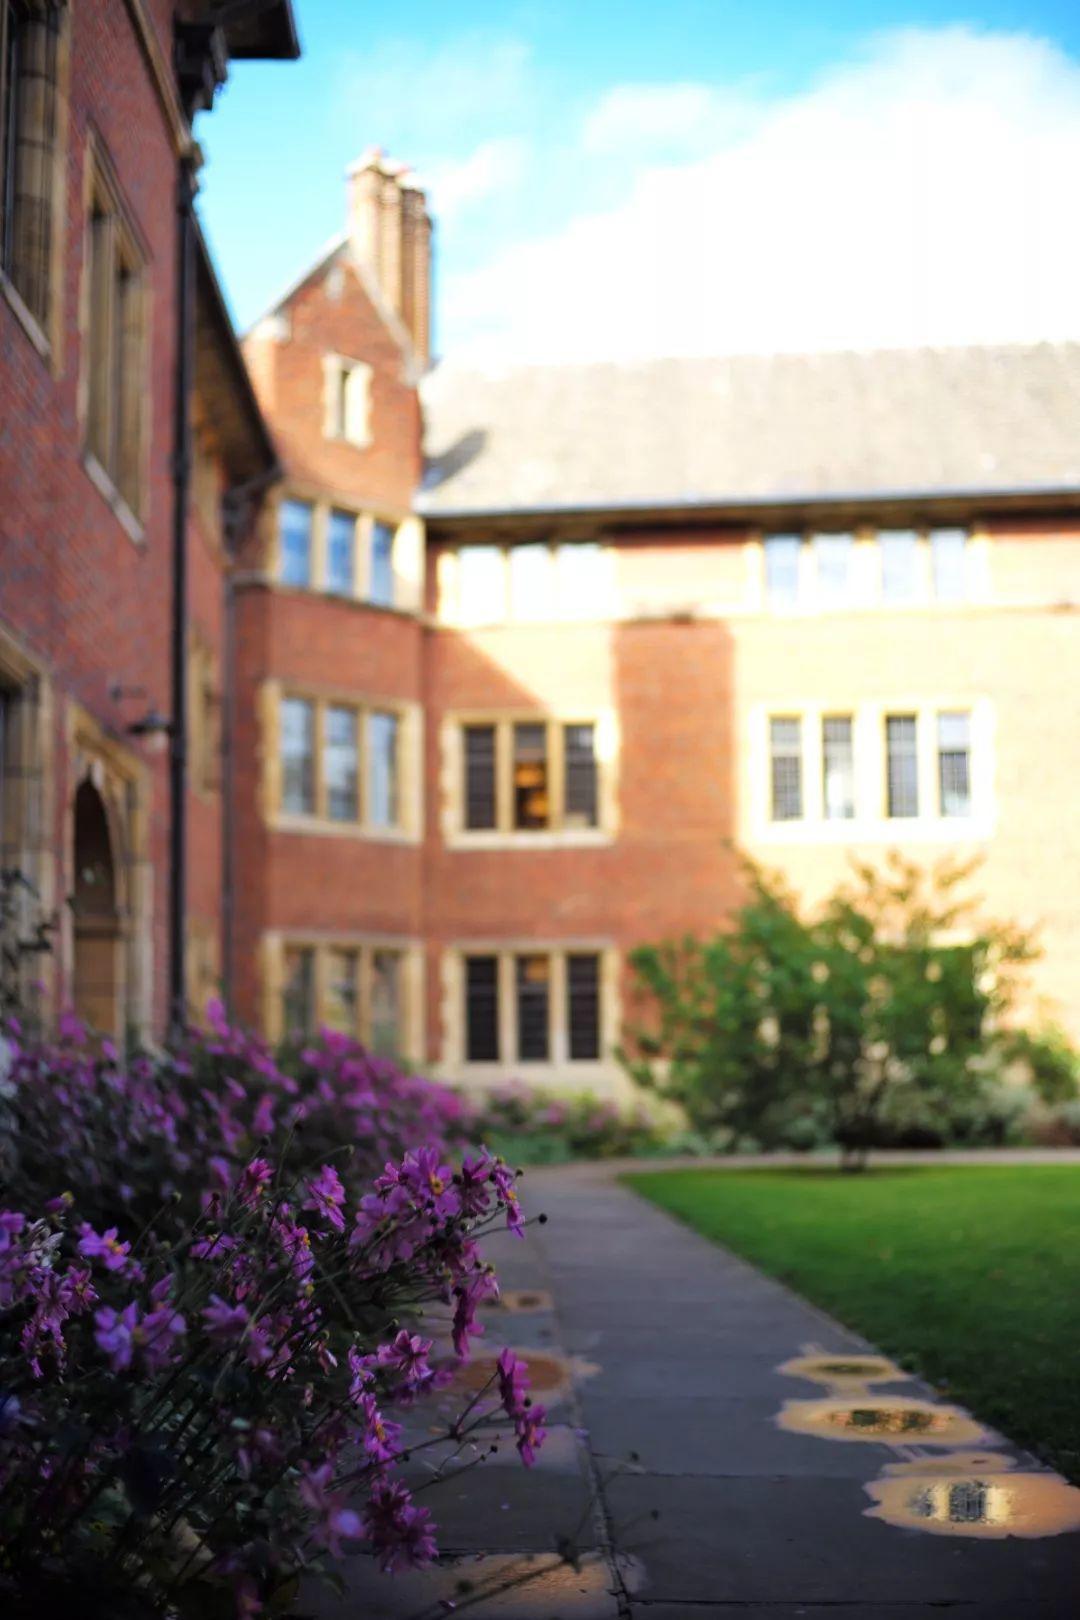 【2019剑桥学联新生周活动】Jesus College耶稣学院 古典式主题Formal